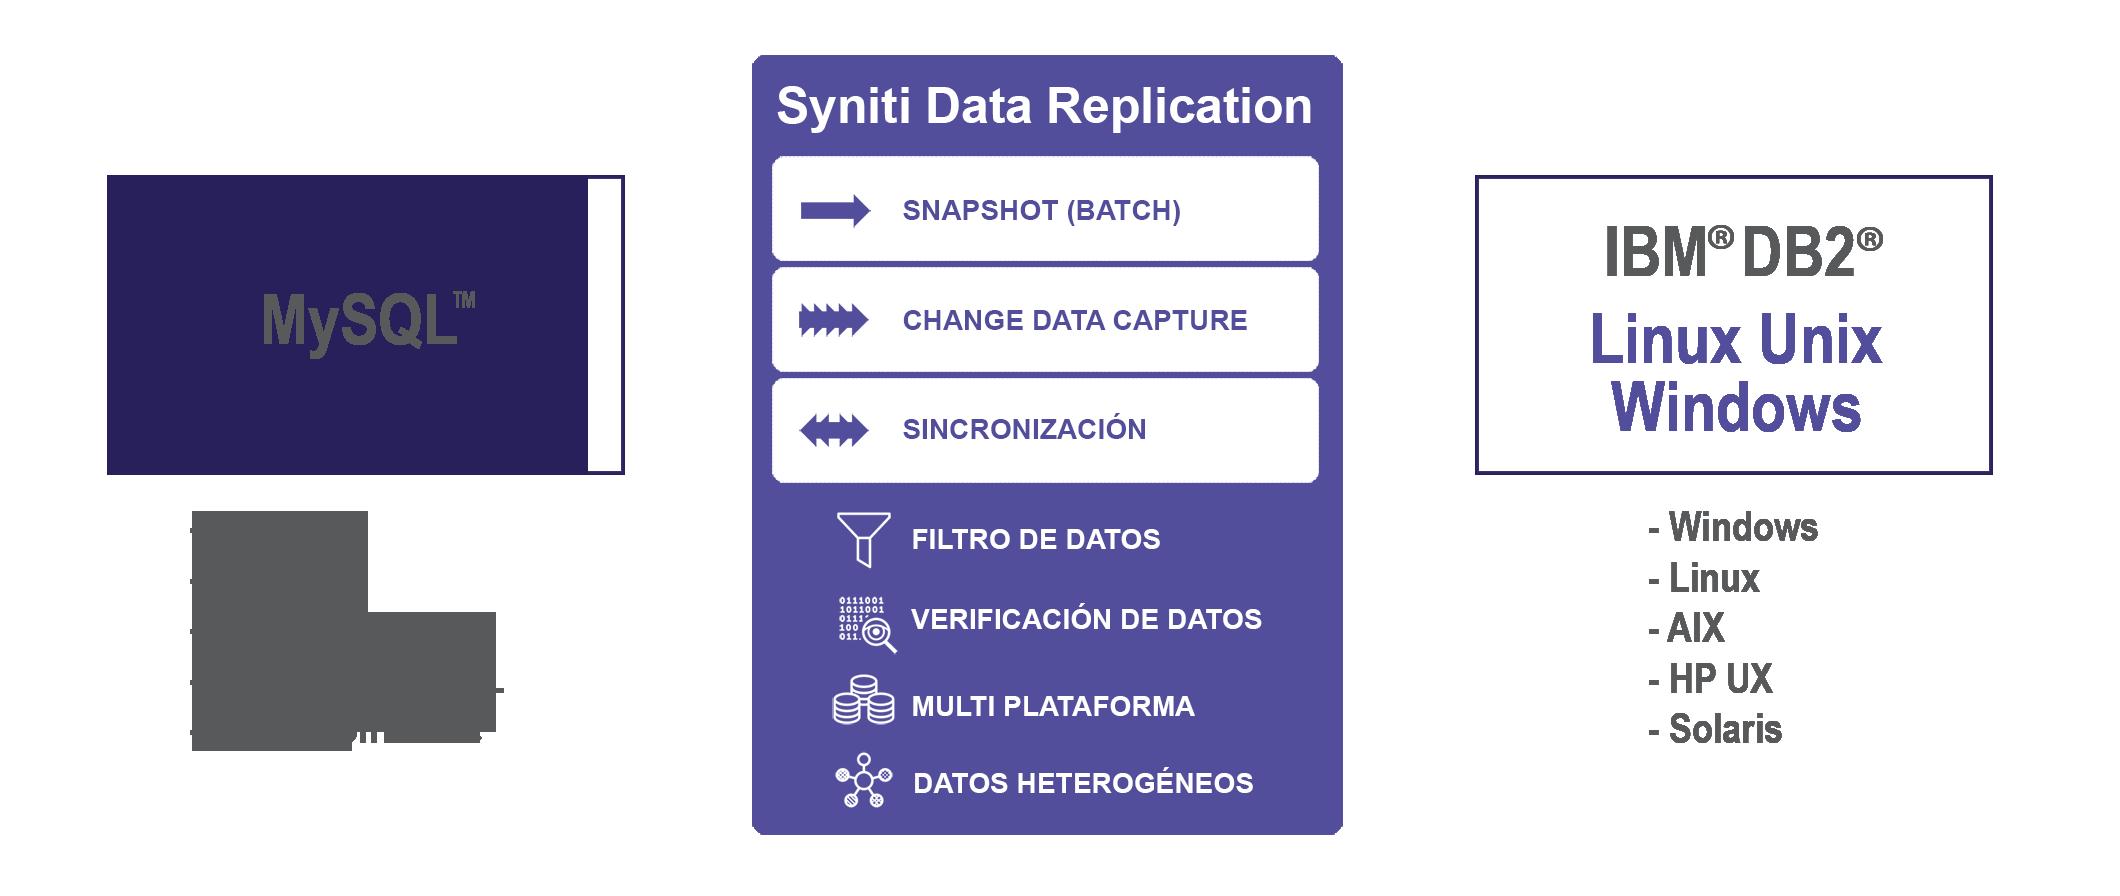 Replicación de datos en tiempo real entre MySQL a DB2/LUW